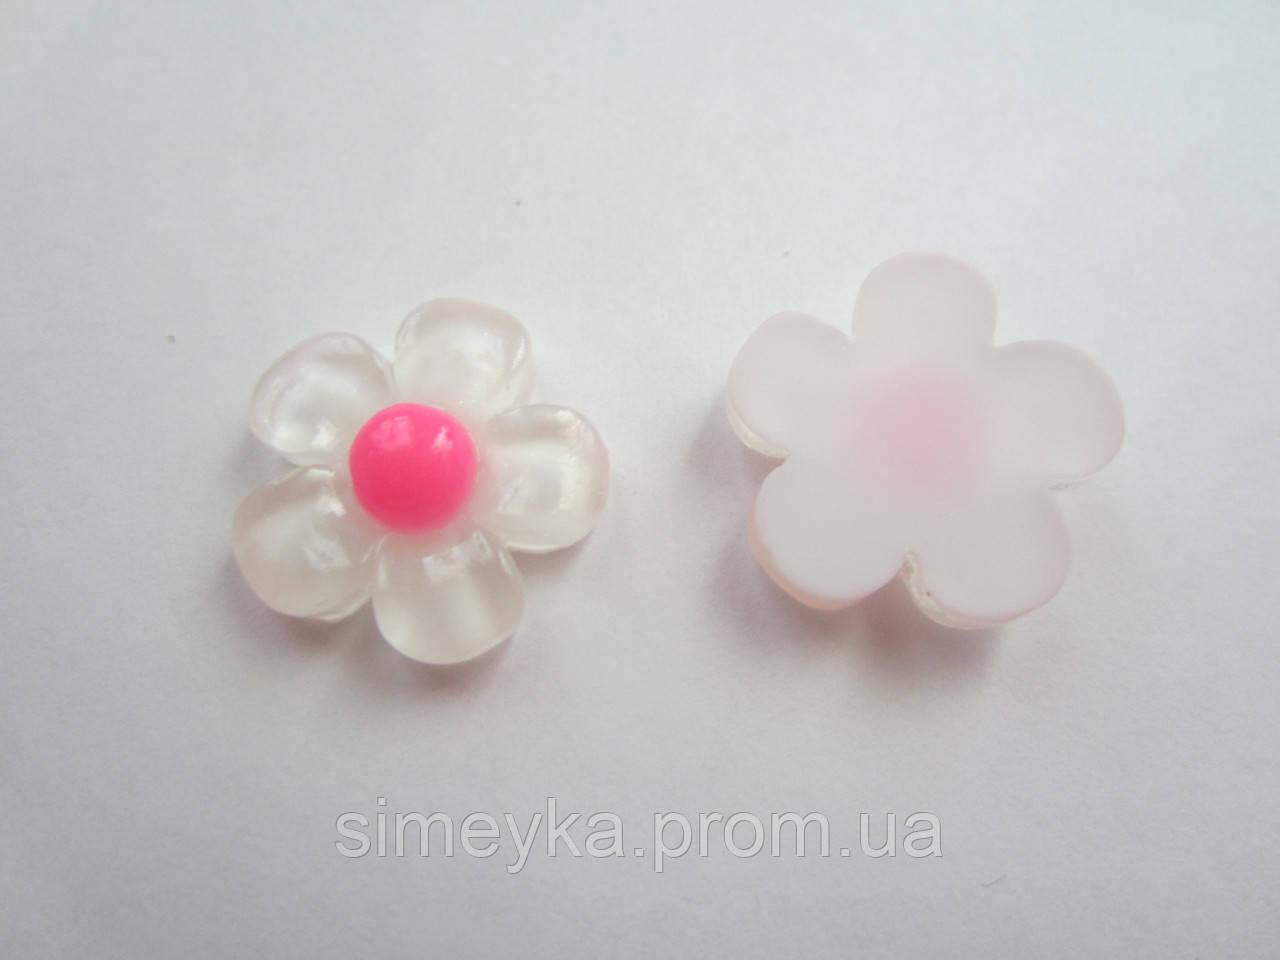 Серединка цветочек белый, диаметр 1,8 см.